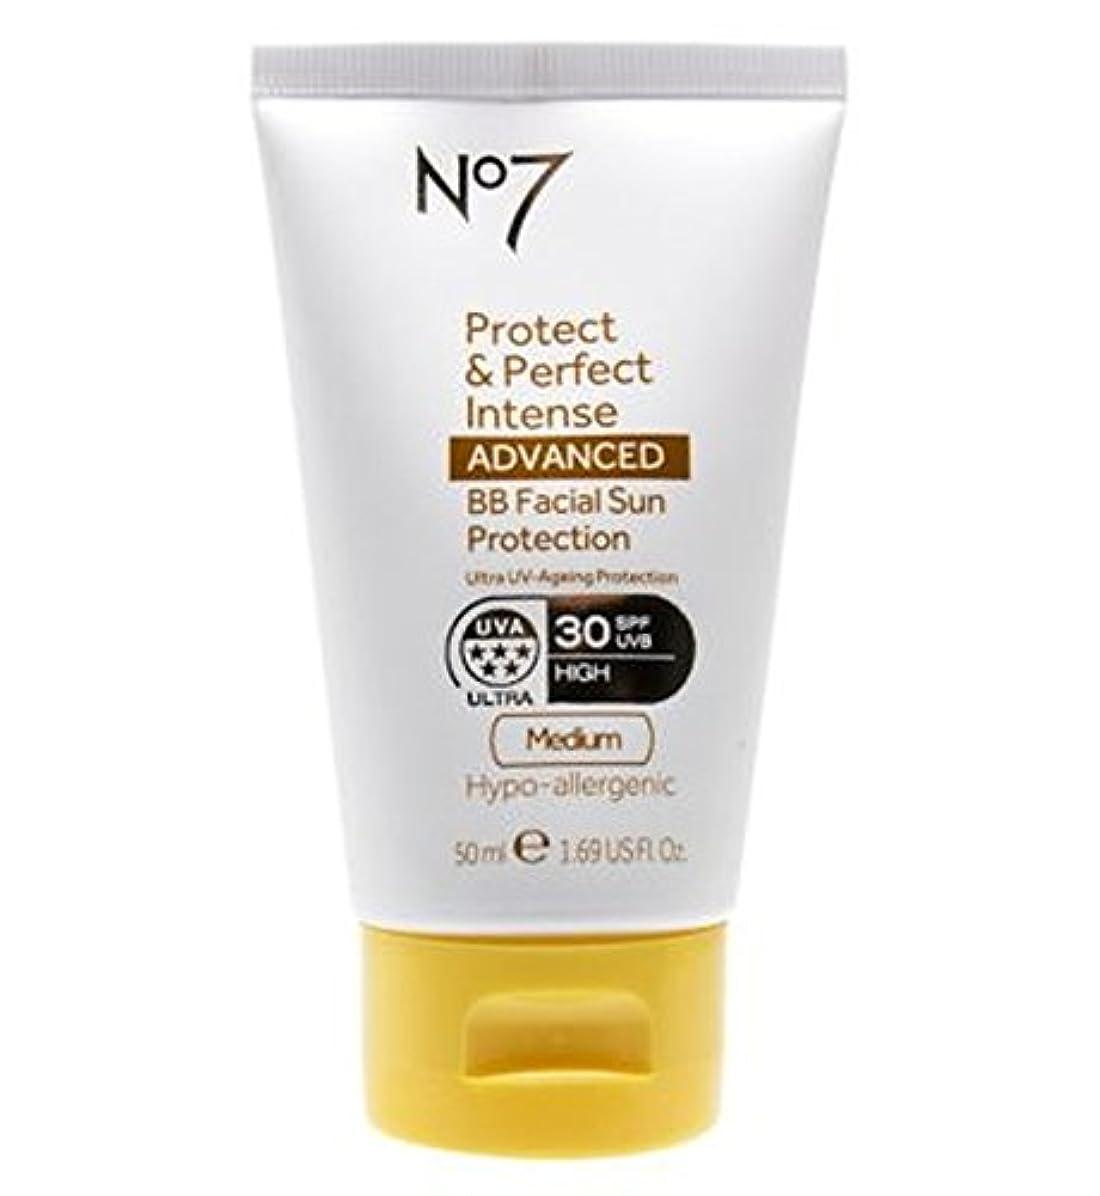 チェスをするパキスタン人食い違いNo7保護&完璧な強烈な先進Bb顔の日焼け防止Spf30培地50ミリリットル (No7) (x2) - No7 Protect & Perfect Intense ADVANCED BB Facial Sun Protection...